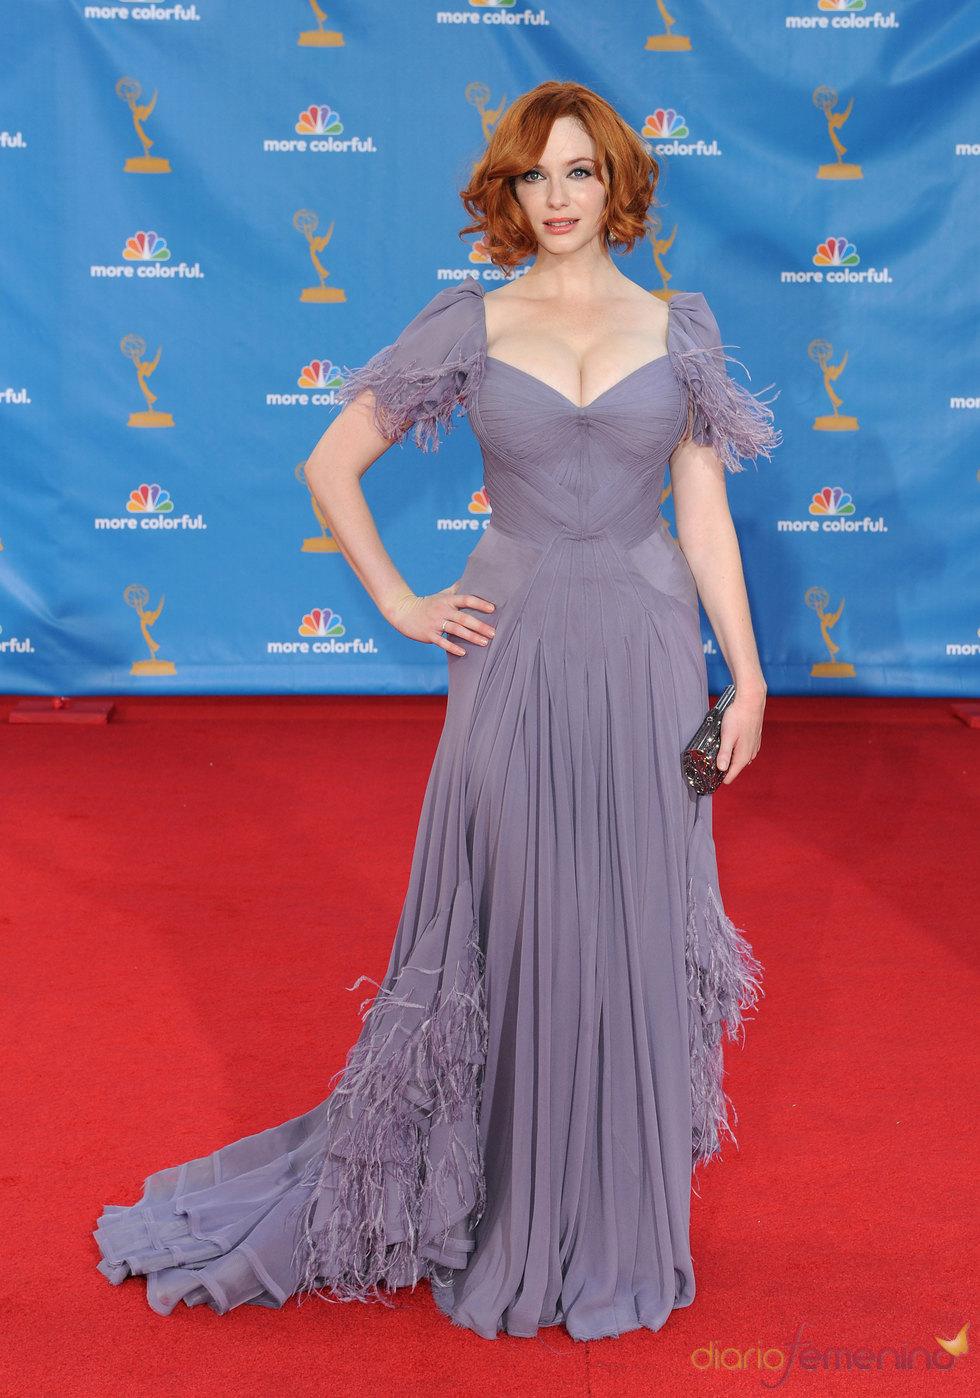 Christina Hendricks de 'Mad Men' en los Premios Emmy 2010